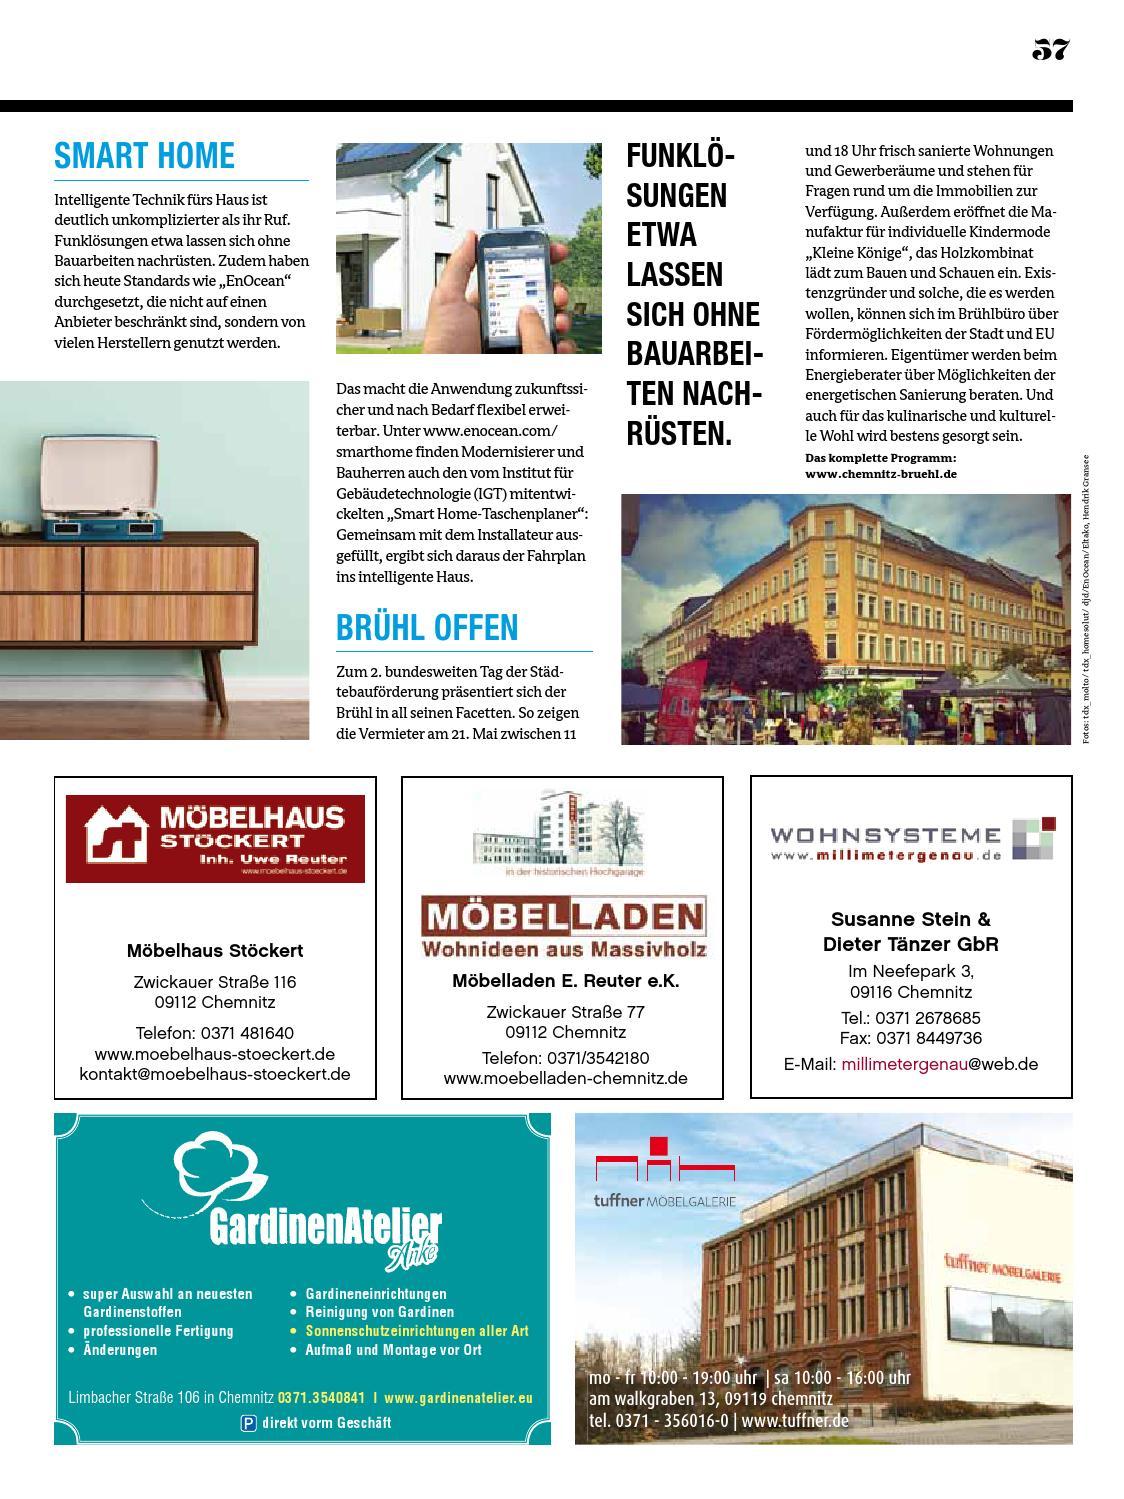 Stadtstreicher Stadtmagazin Mai 2016 By Stadtstreicher